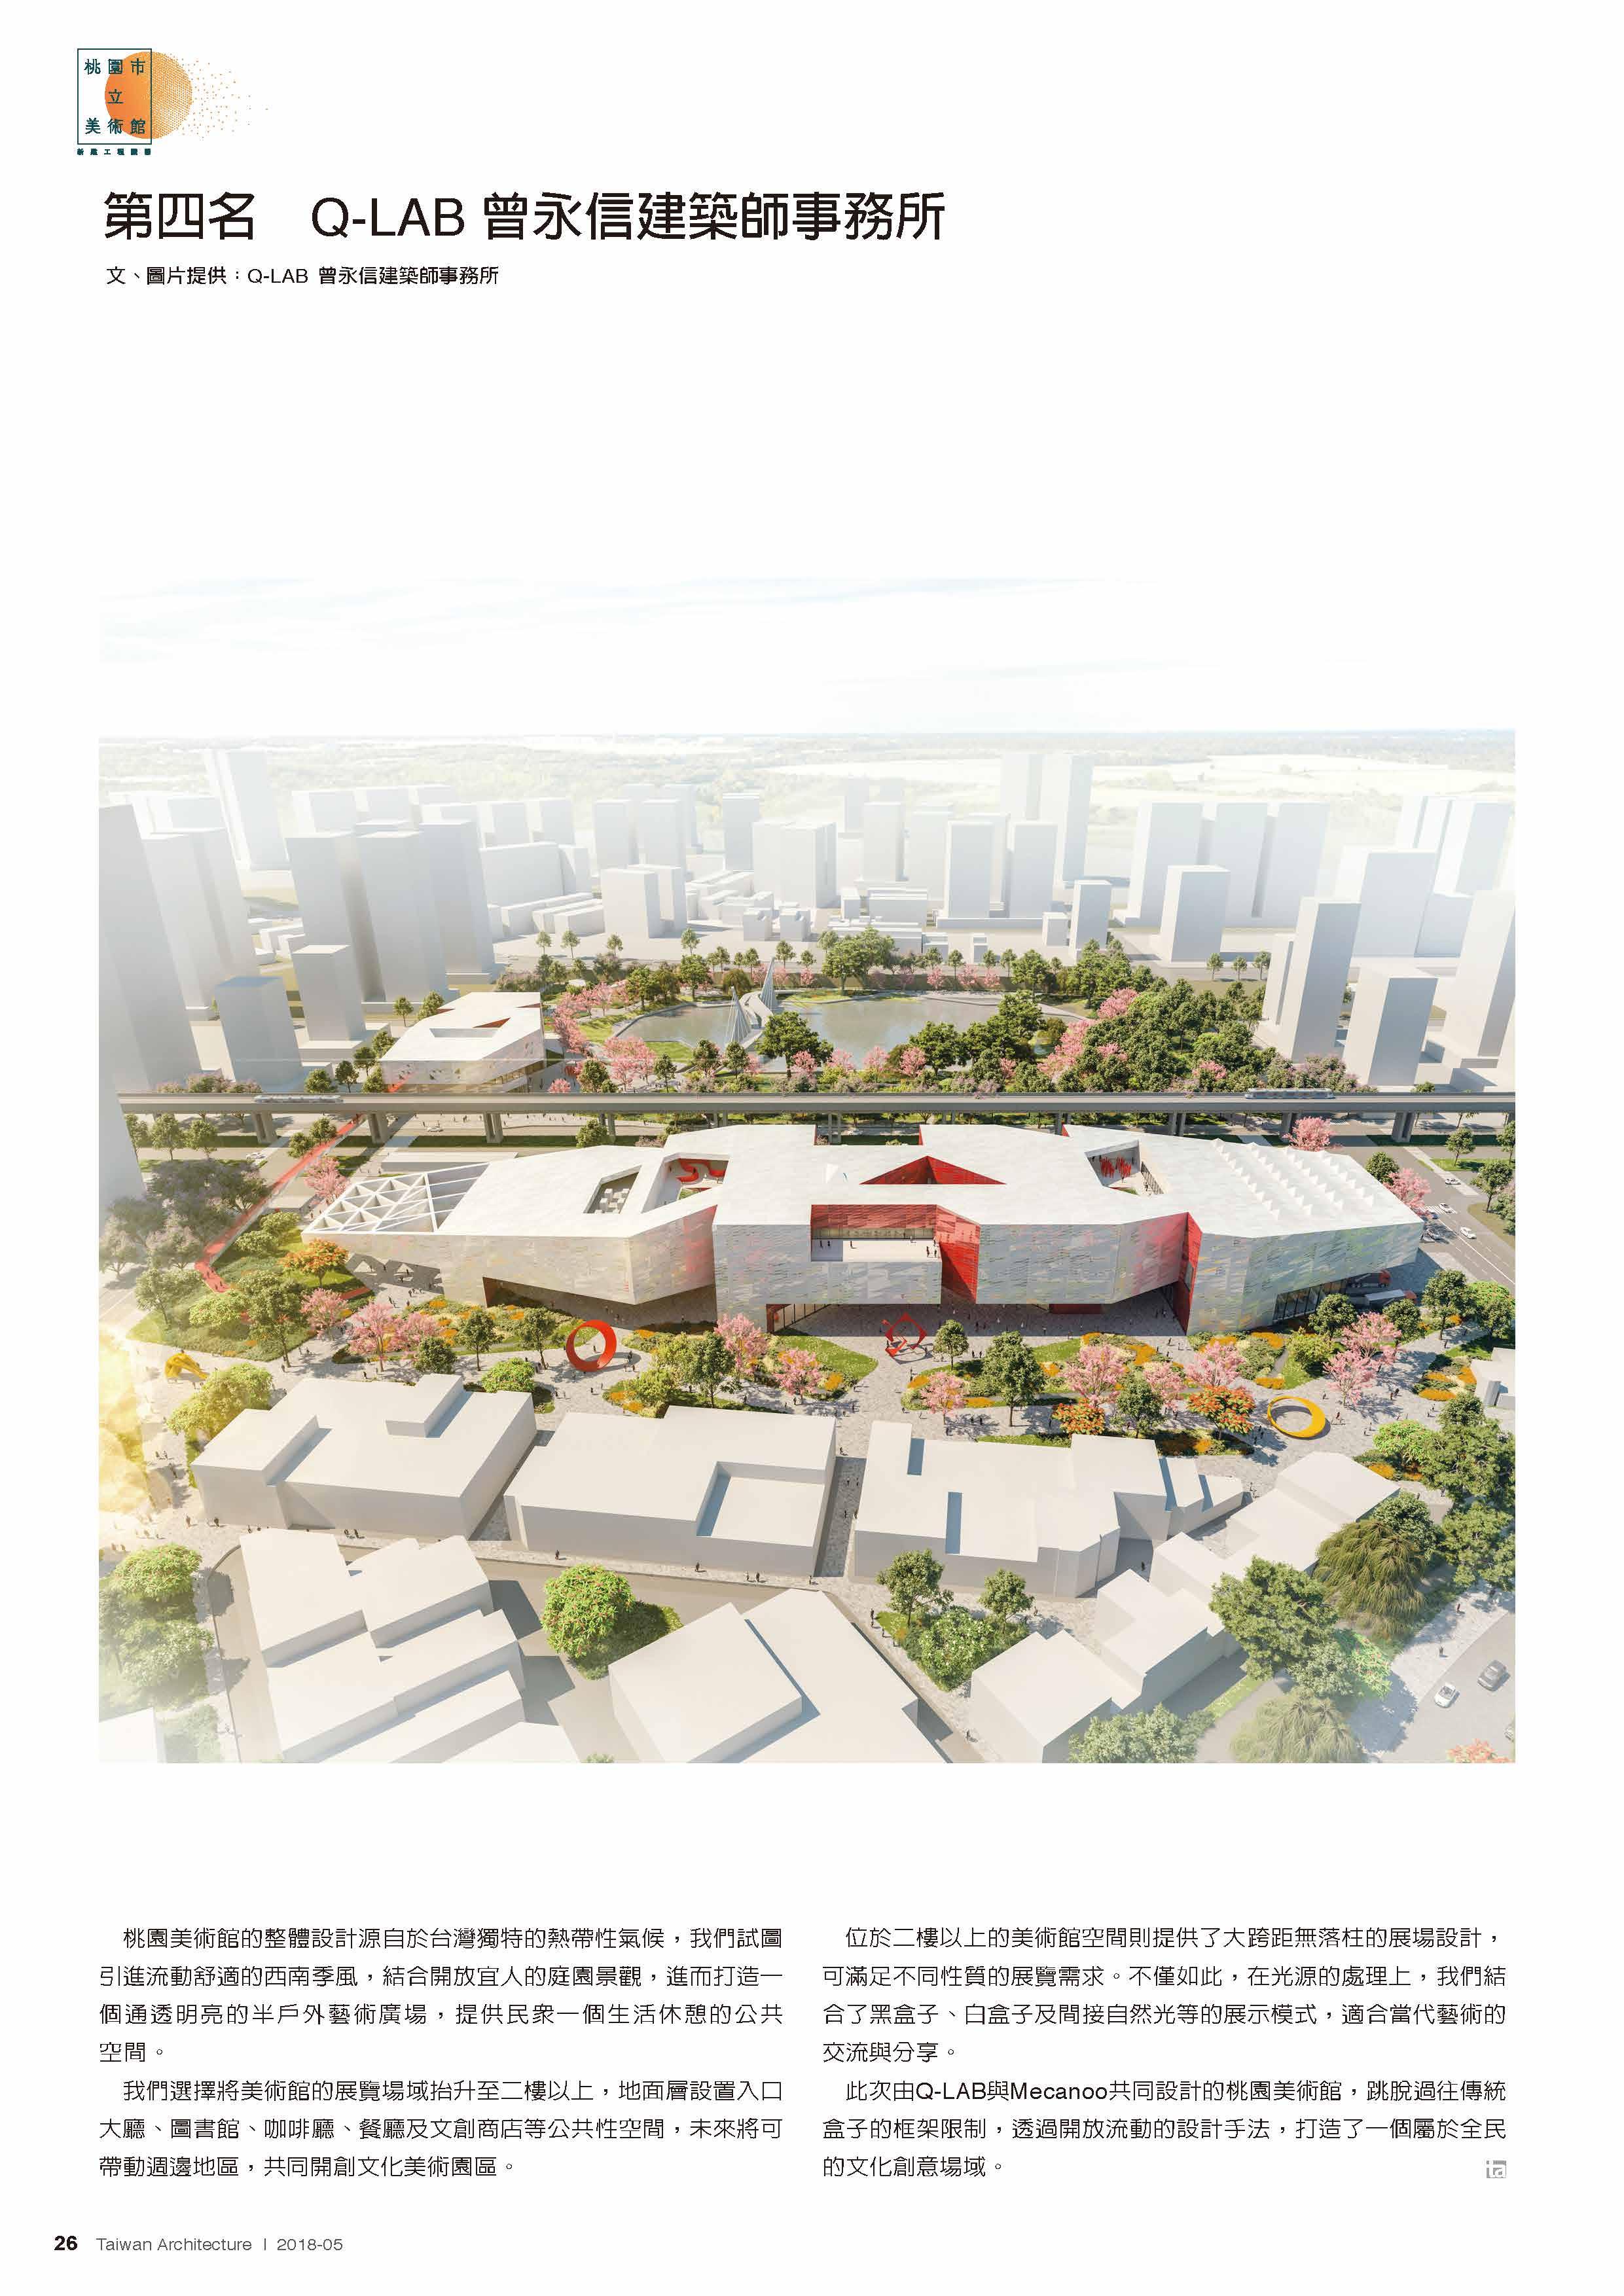 2018-TA-5月號-桃園美術館競圖_頁面_10.jpg